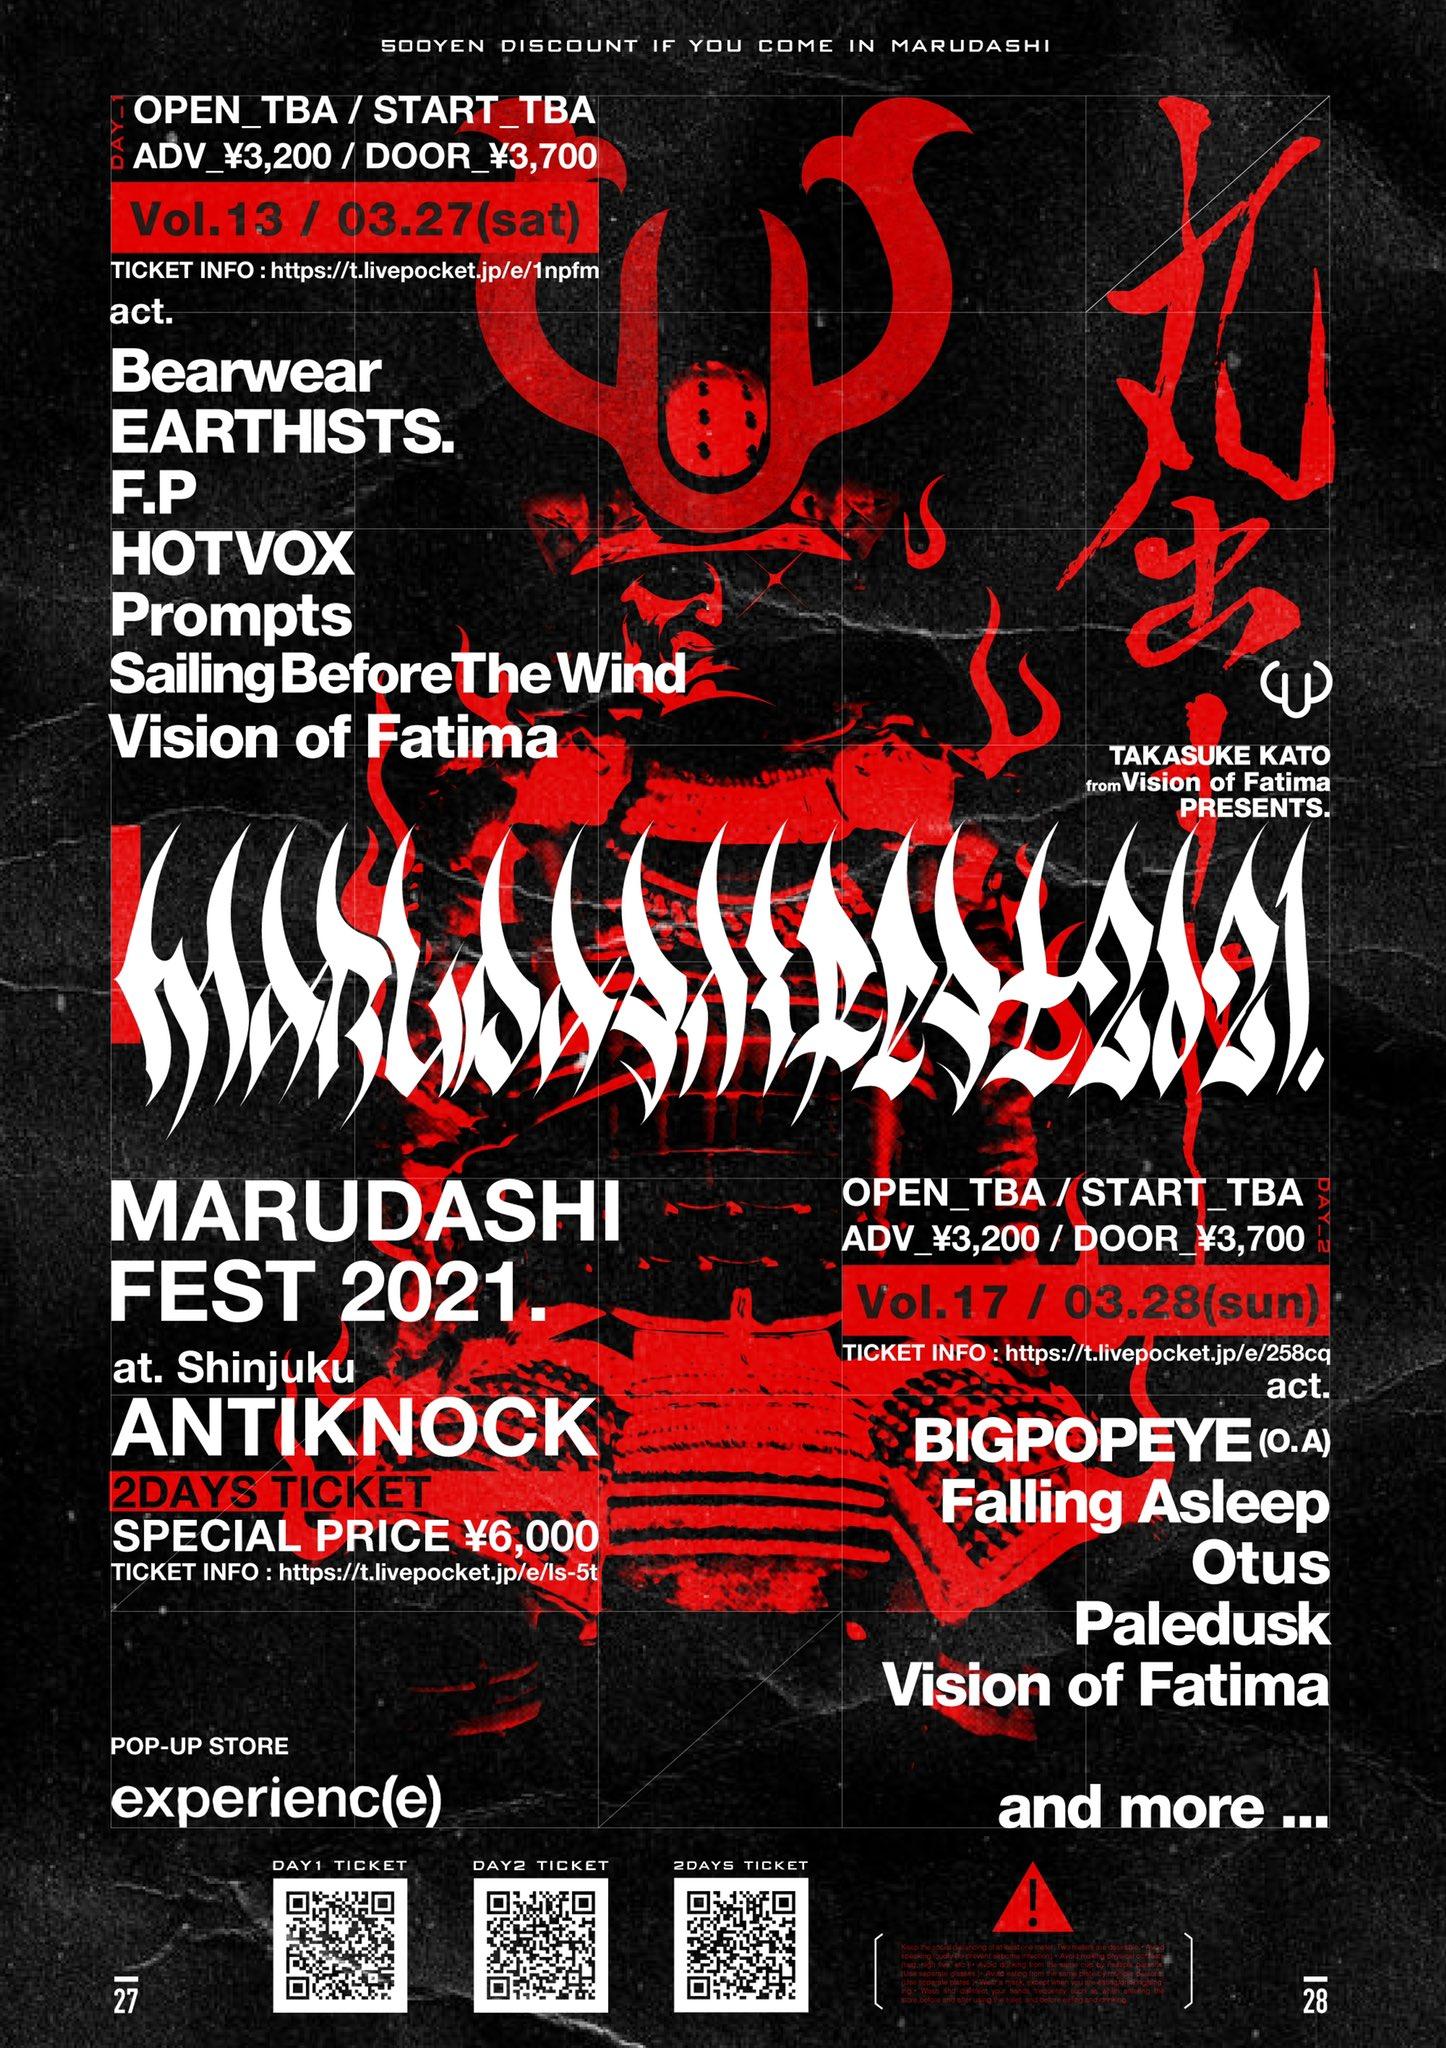 【MARUDASHI FEST 2021~2DAYS TICKET~】